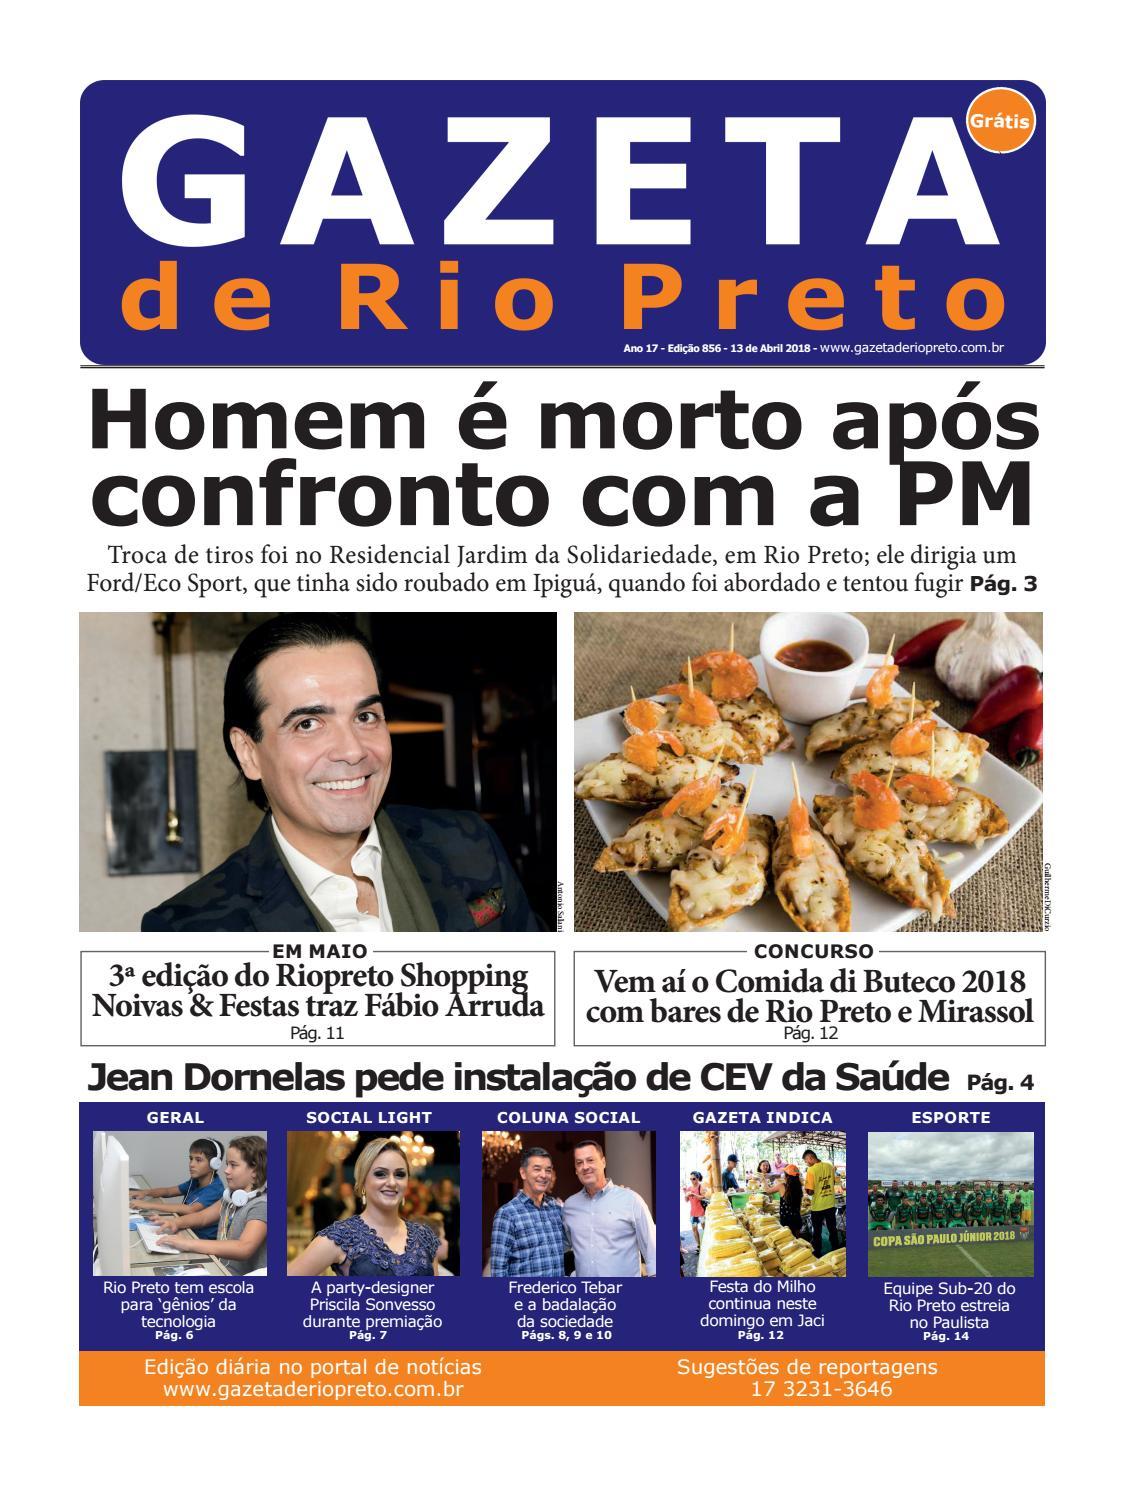 Gazeta de Rio Preto - 13 04 2018 by Social Light - issuu eedbd8d86e4